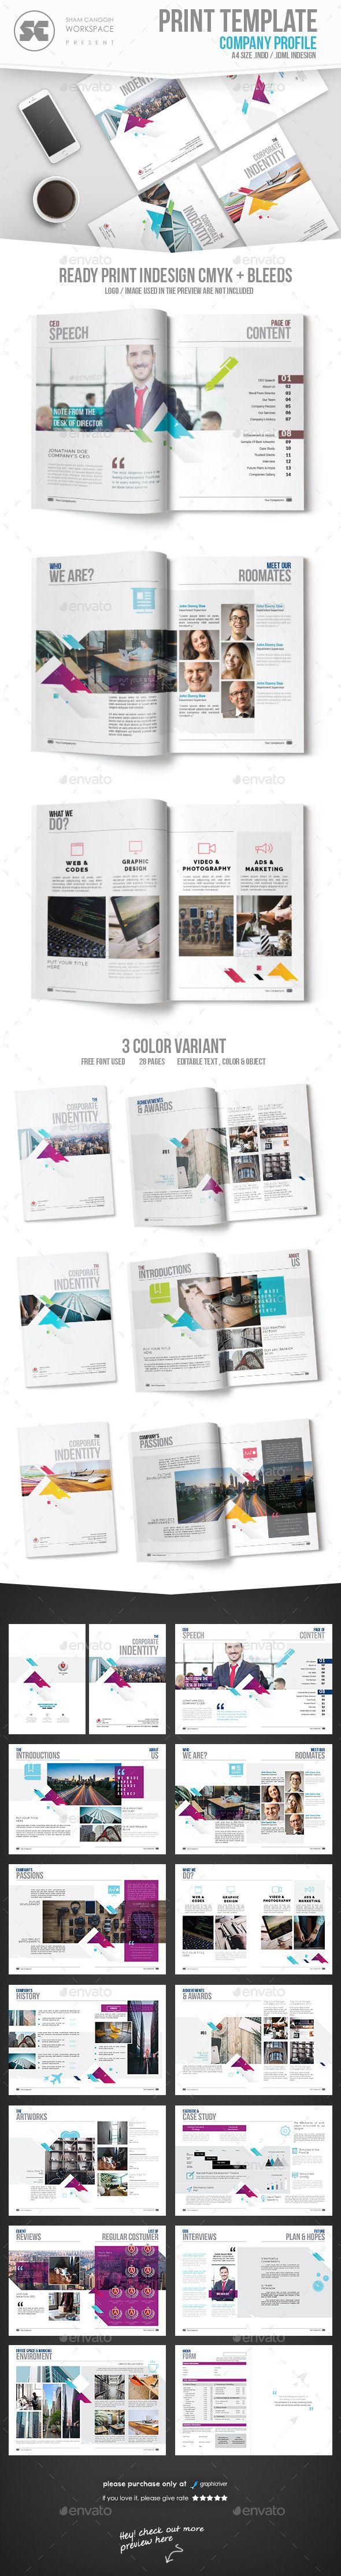 Company Profile | Diseño editorial, Editorial y Folletos